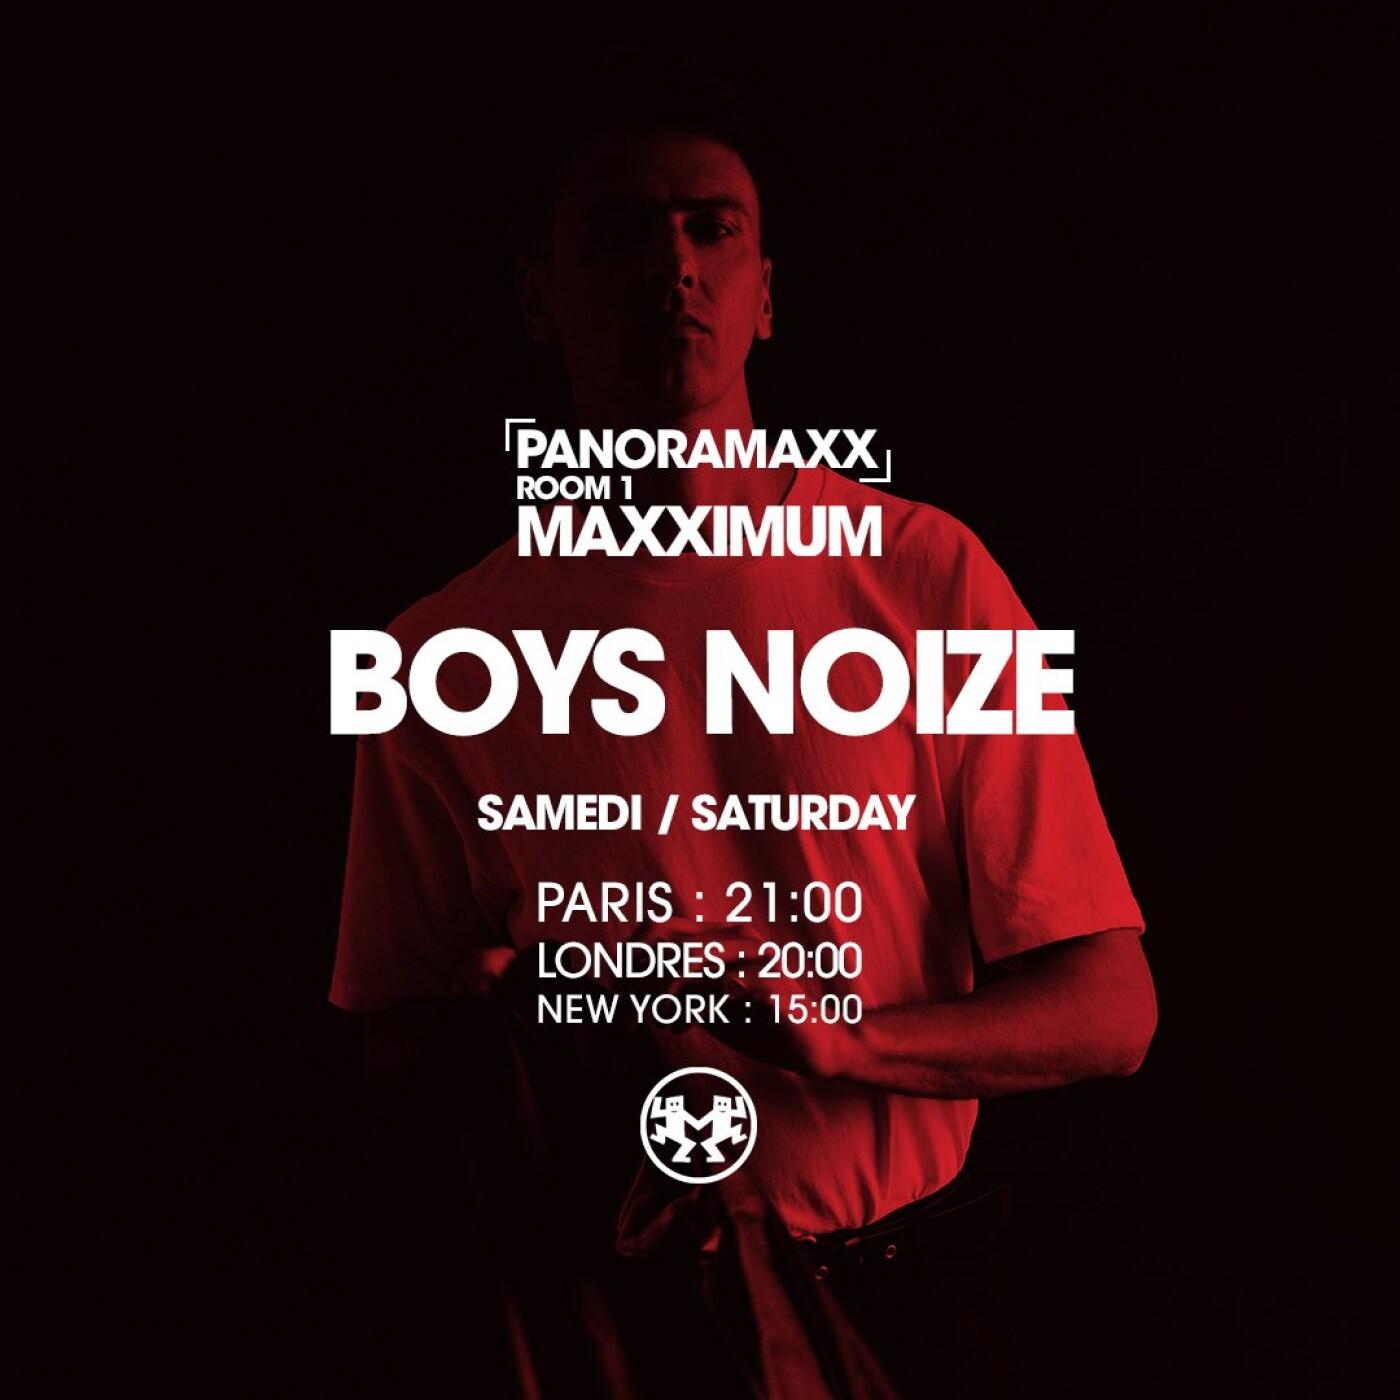 PANORAMAXX : BOYS NOIZE